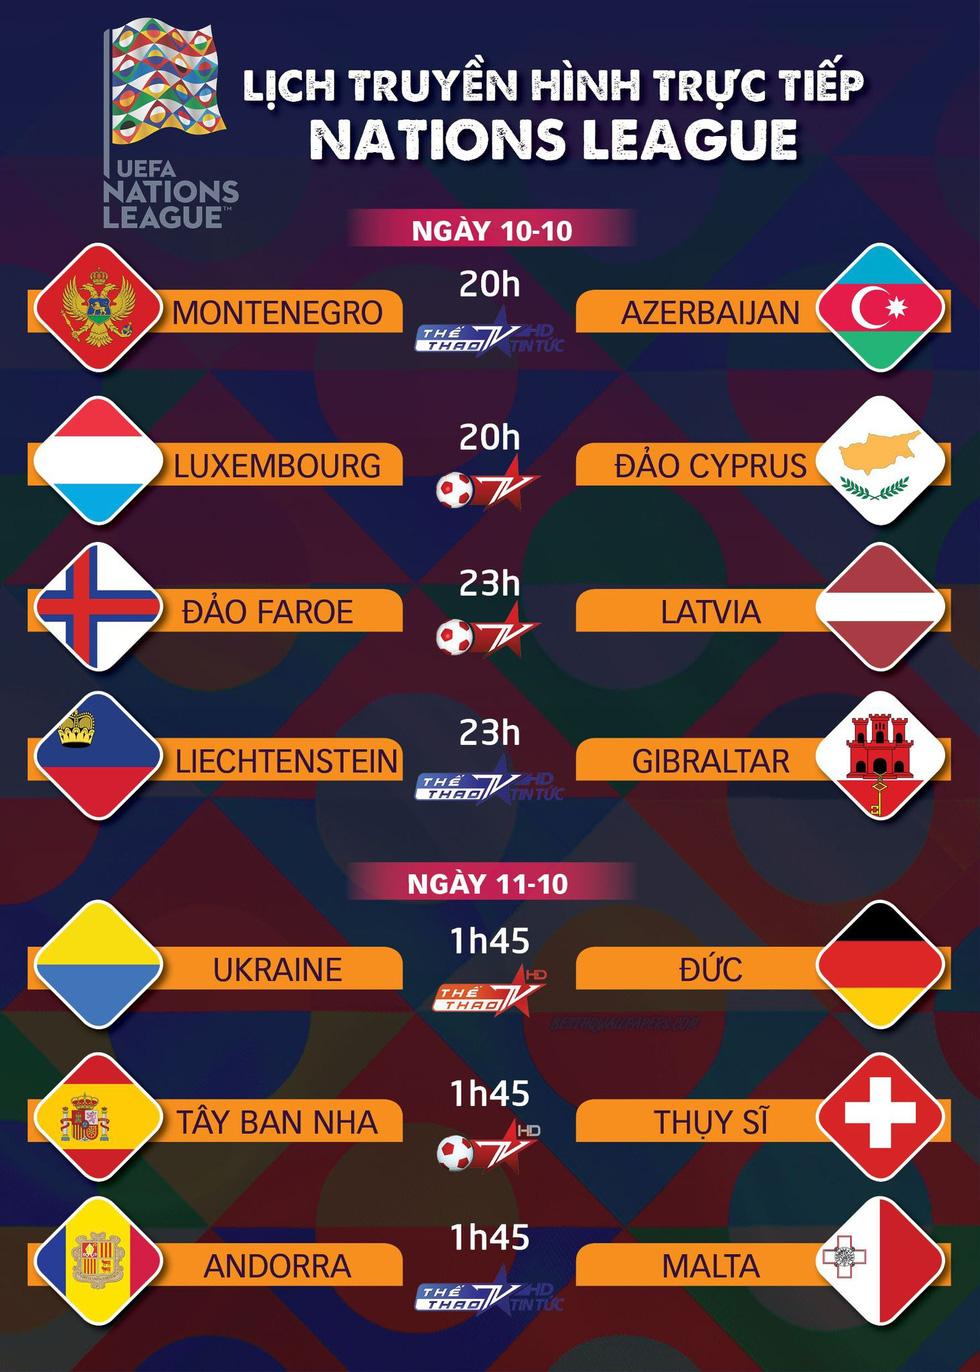 Lịch trực tiếp Nations League ngày 10 và 11-10: Tây Ban Nha, Đức ra sân - Ảnh 1.